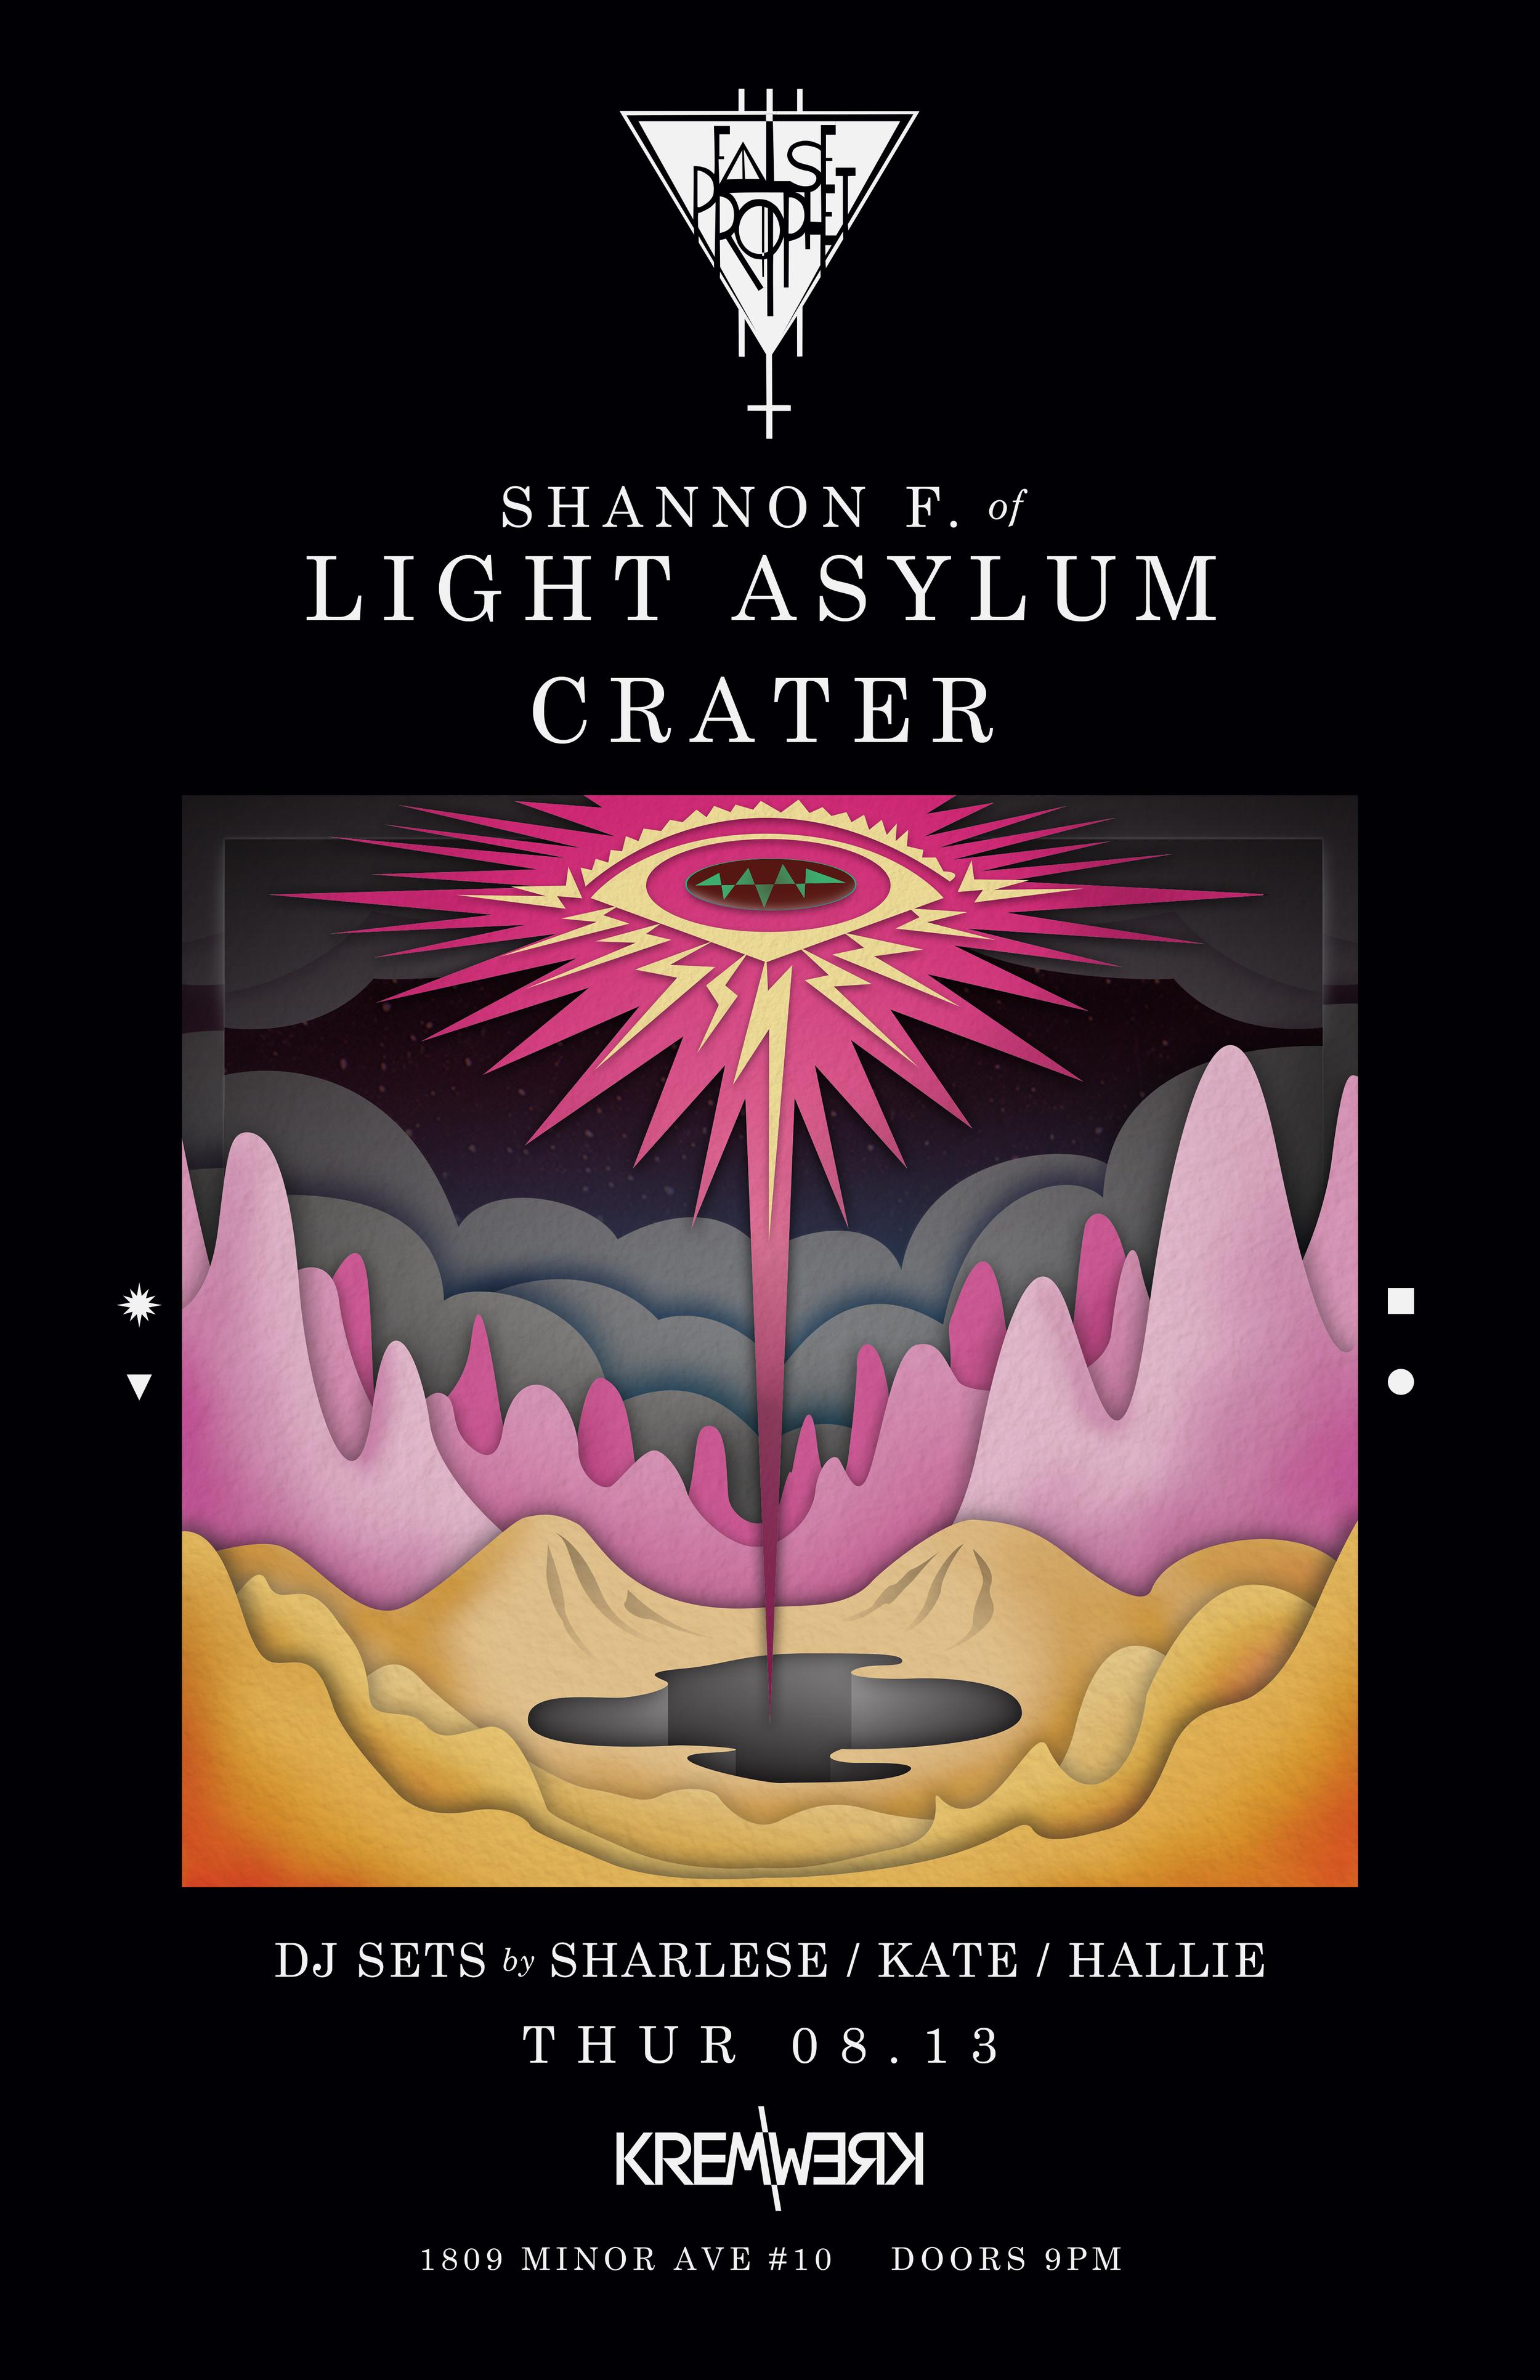 LightAsylum_11x17_v2.jpg